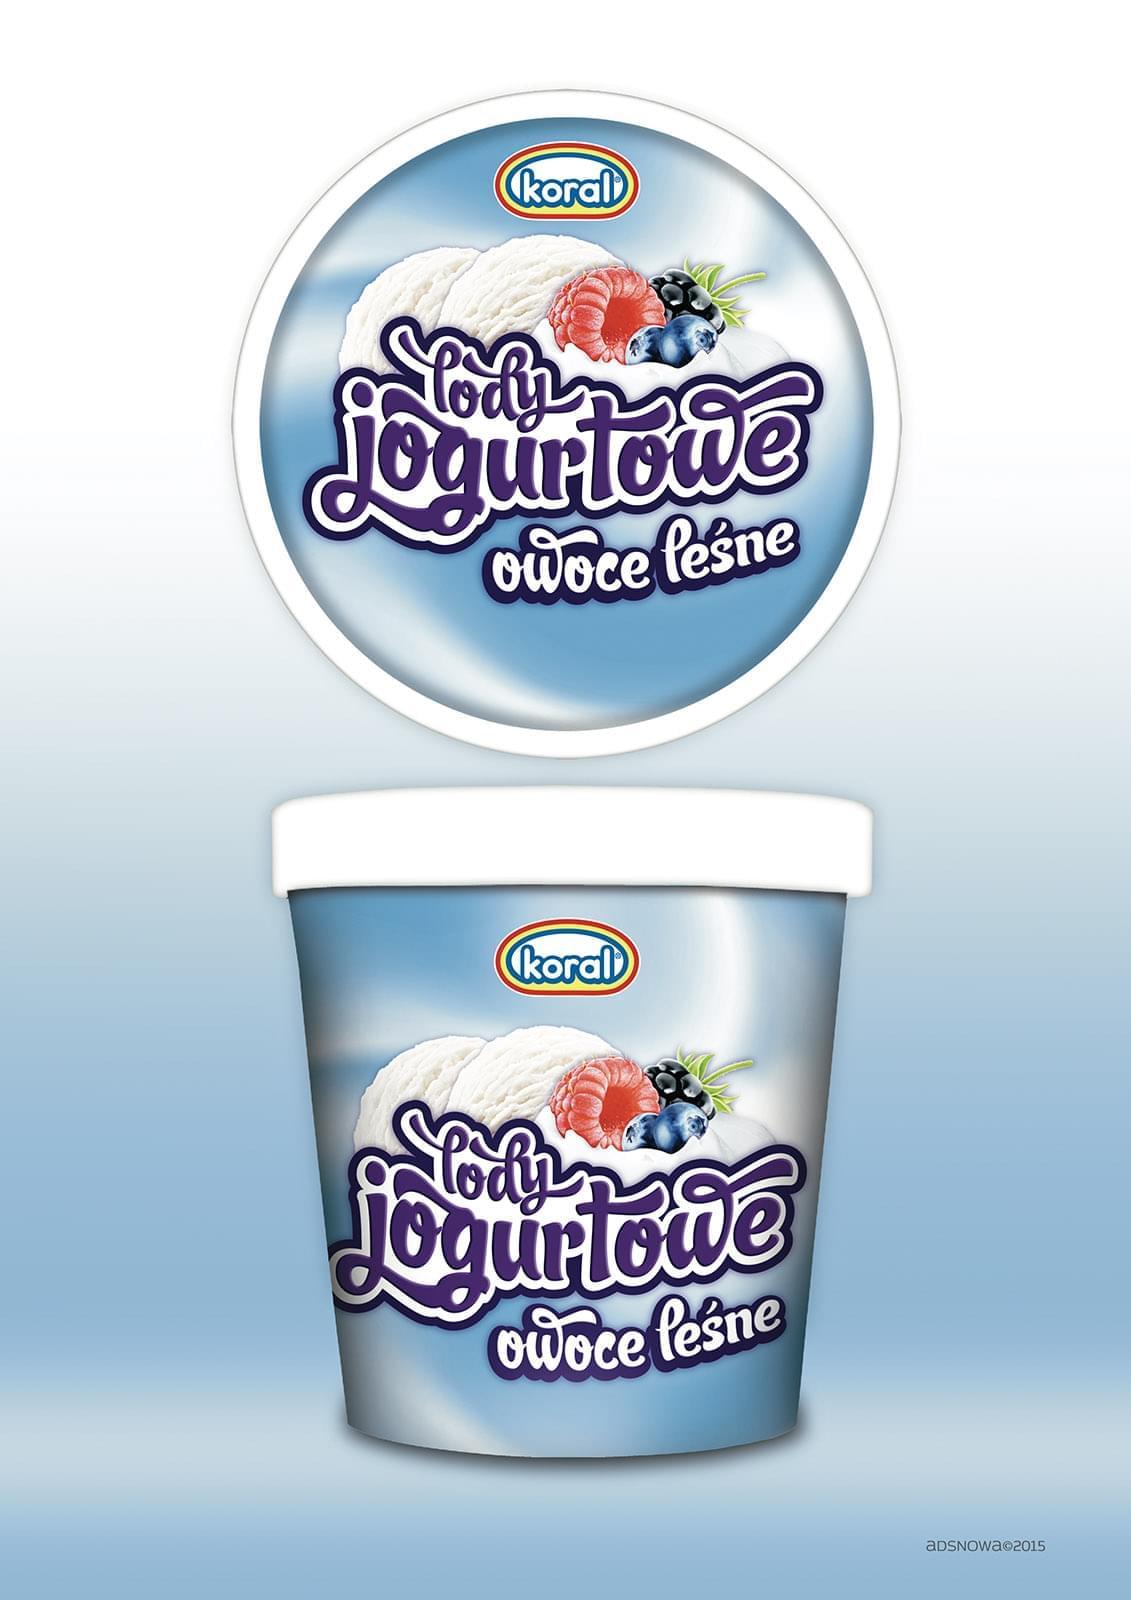 KORAL_jogurtowe_propozycja.min.min